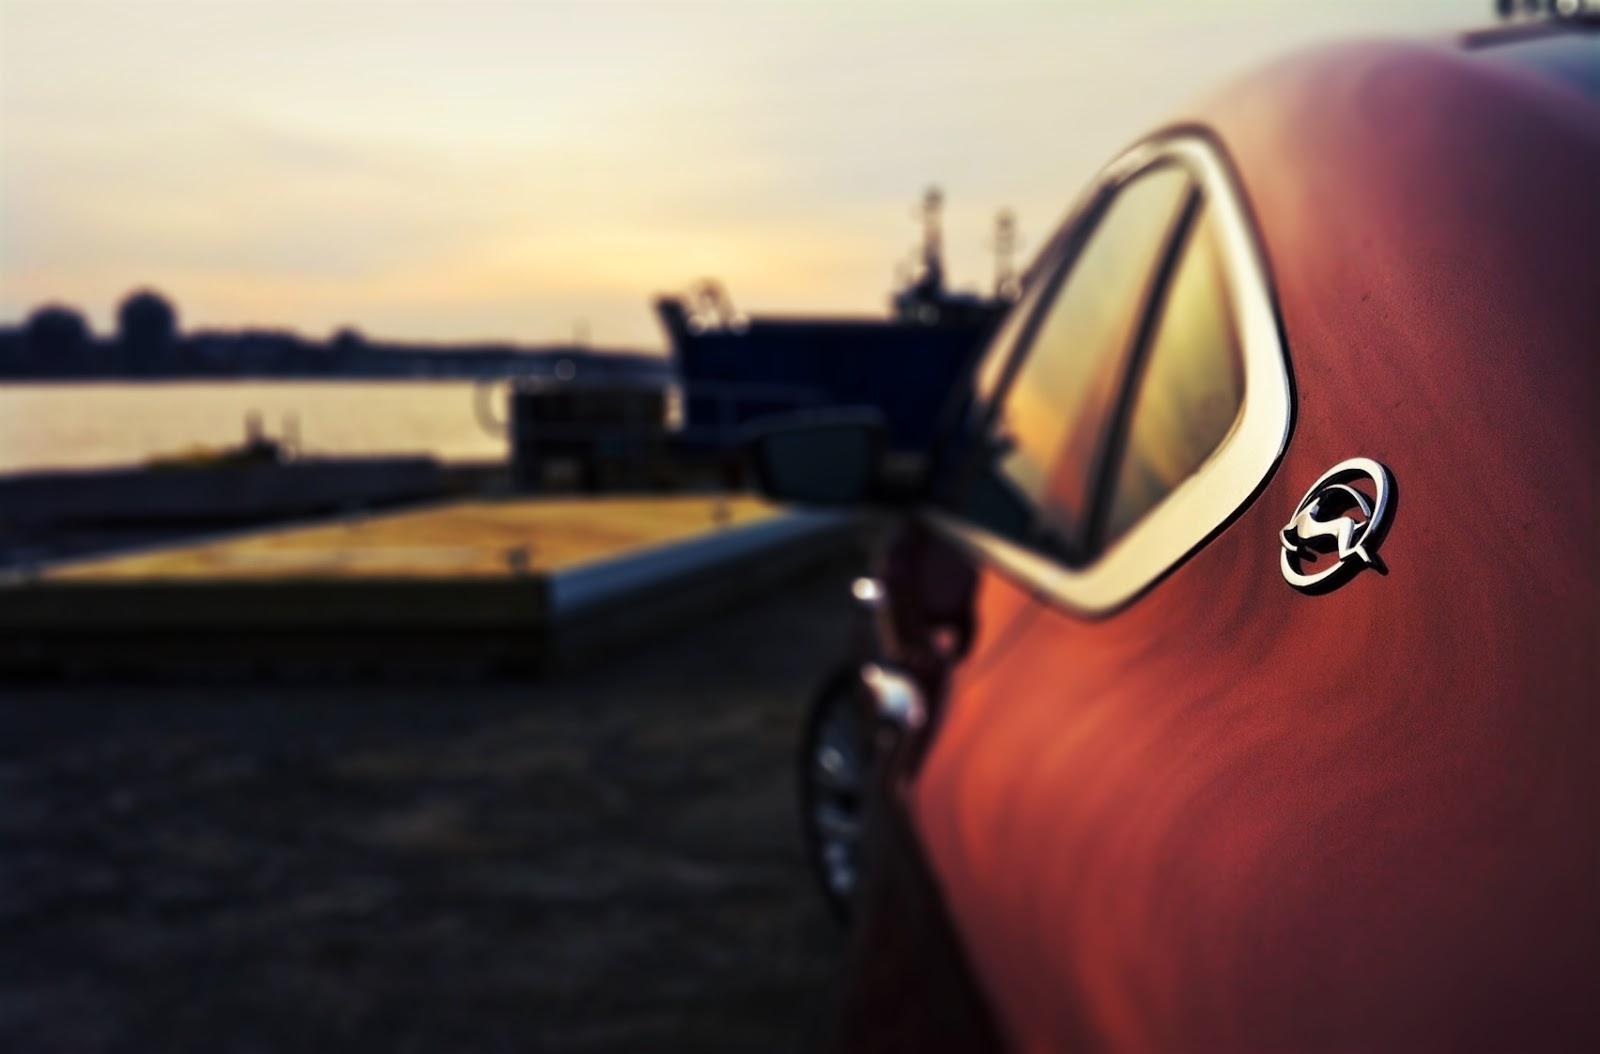 2014 Chevrolet Impala logo